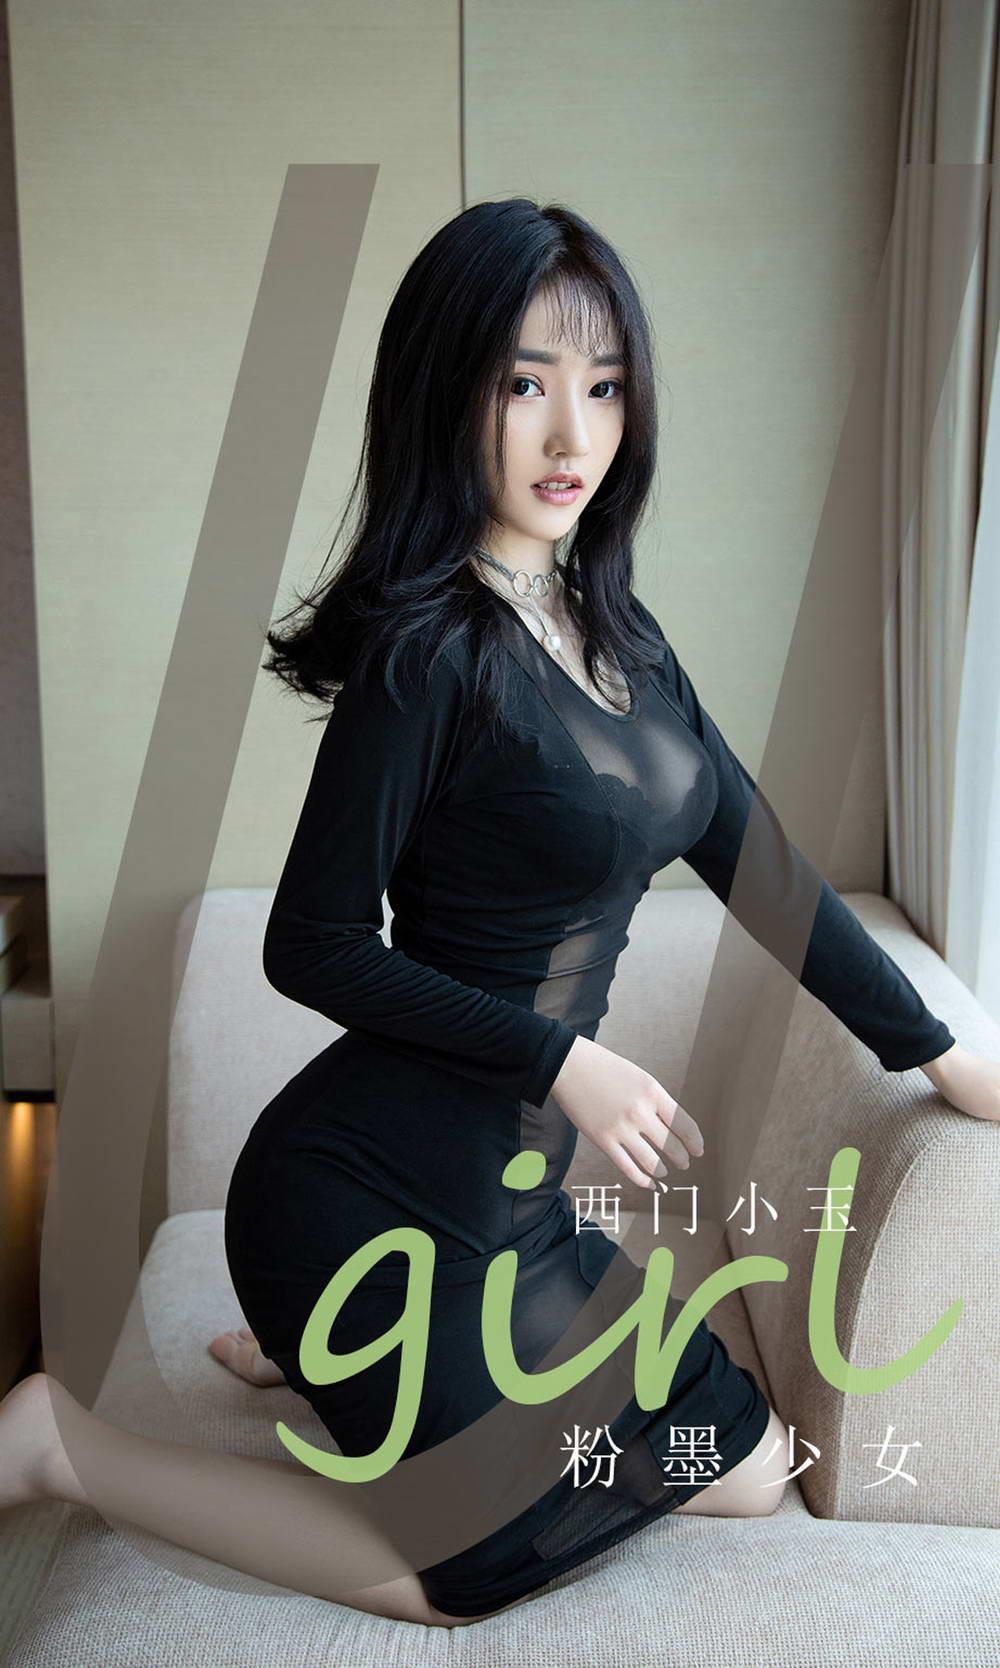 [爱尤物]2021 NO.2140 西门小玉 粉墨少女[/36.9MB]